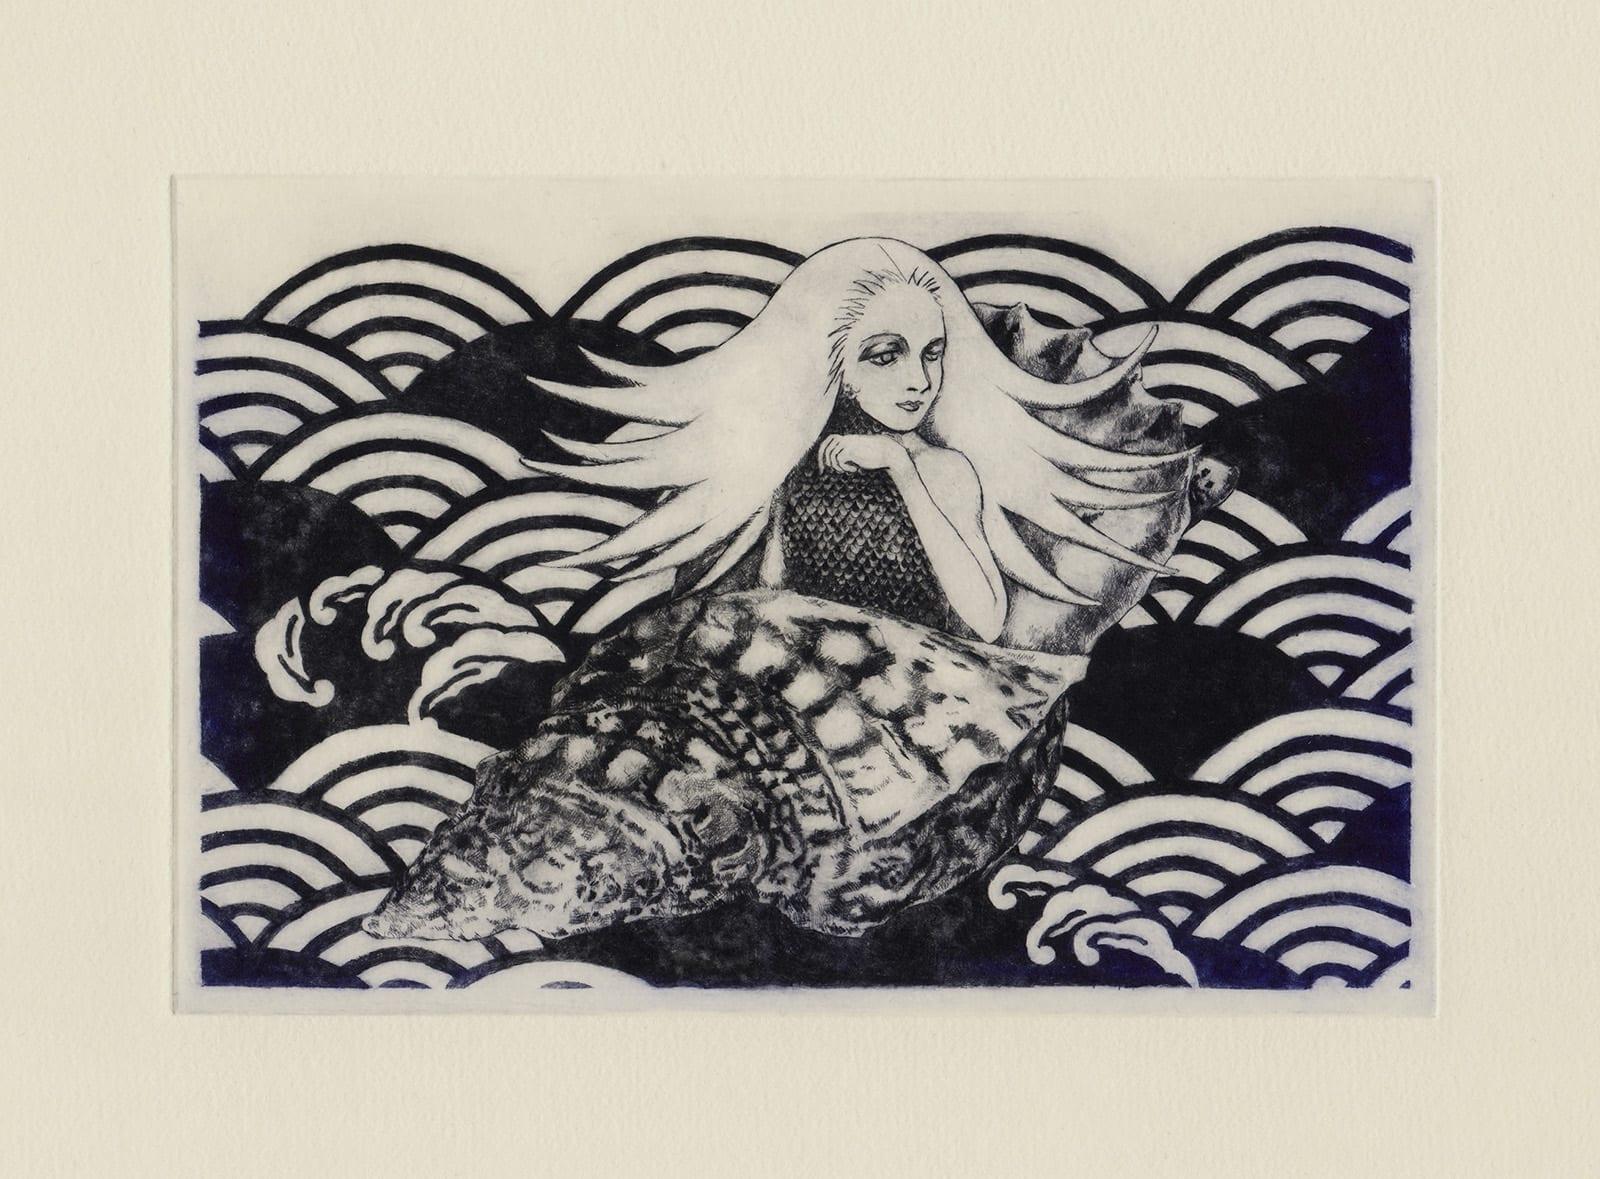 海出人 (drypoint etching by Yaemi Shigyo)